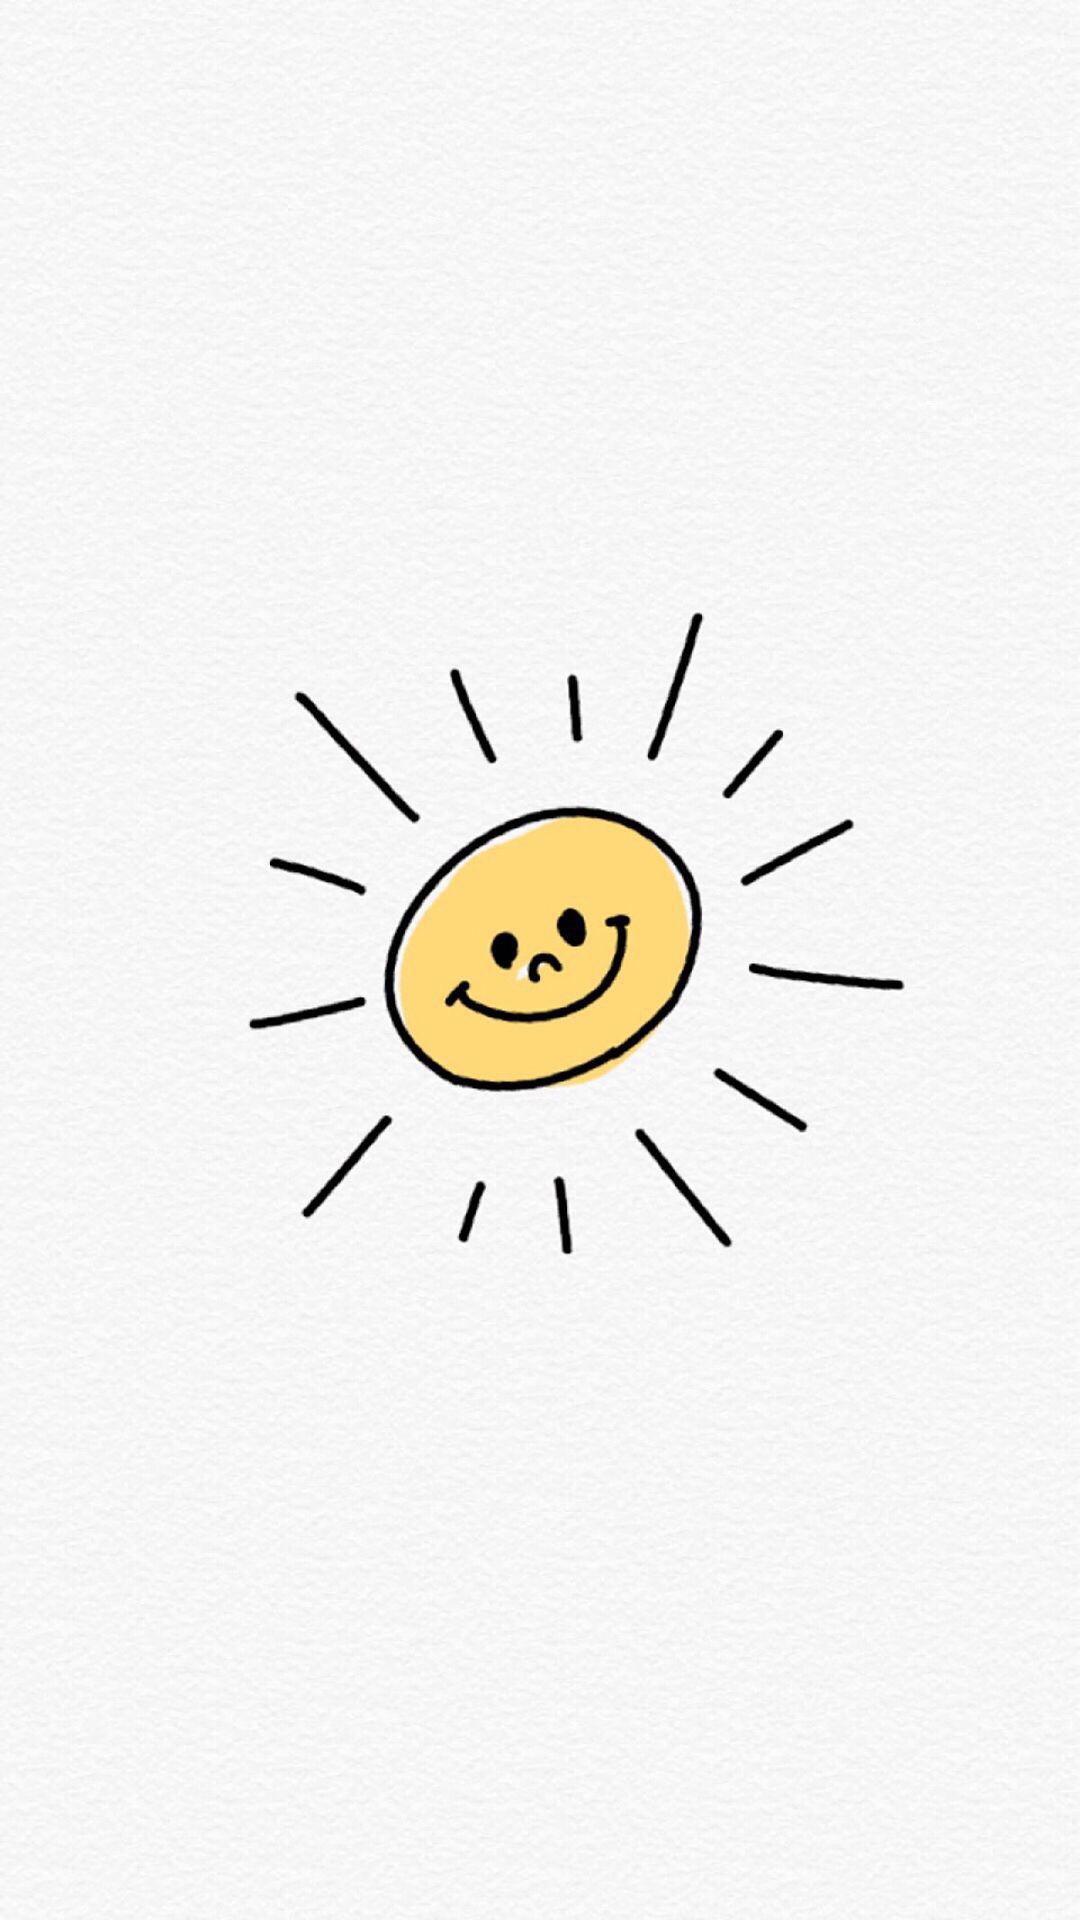 太阳 手绘 简笔画 笑脸 白色 苹果手机高清壁纸 1080x